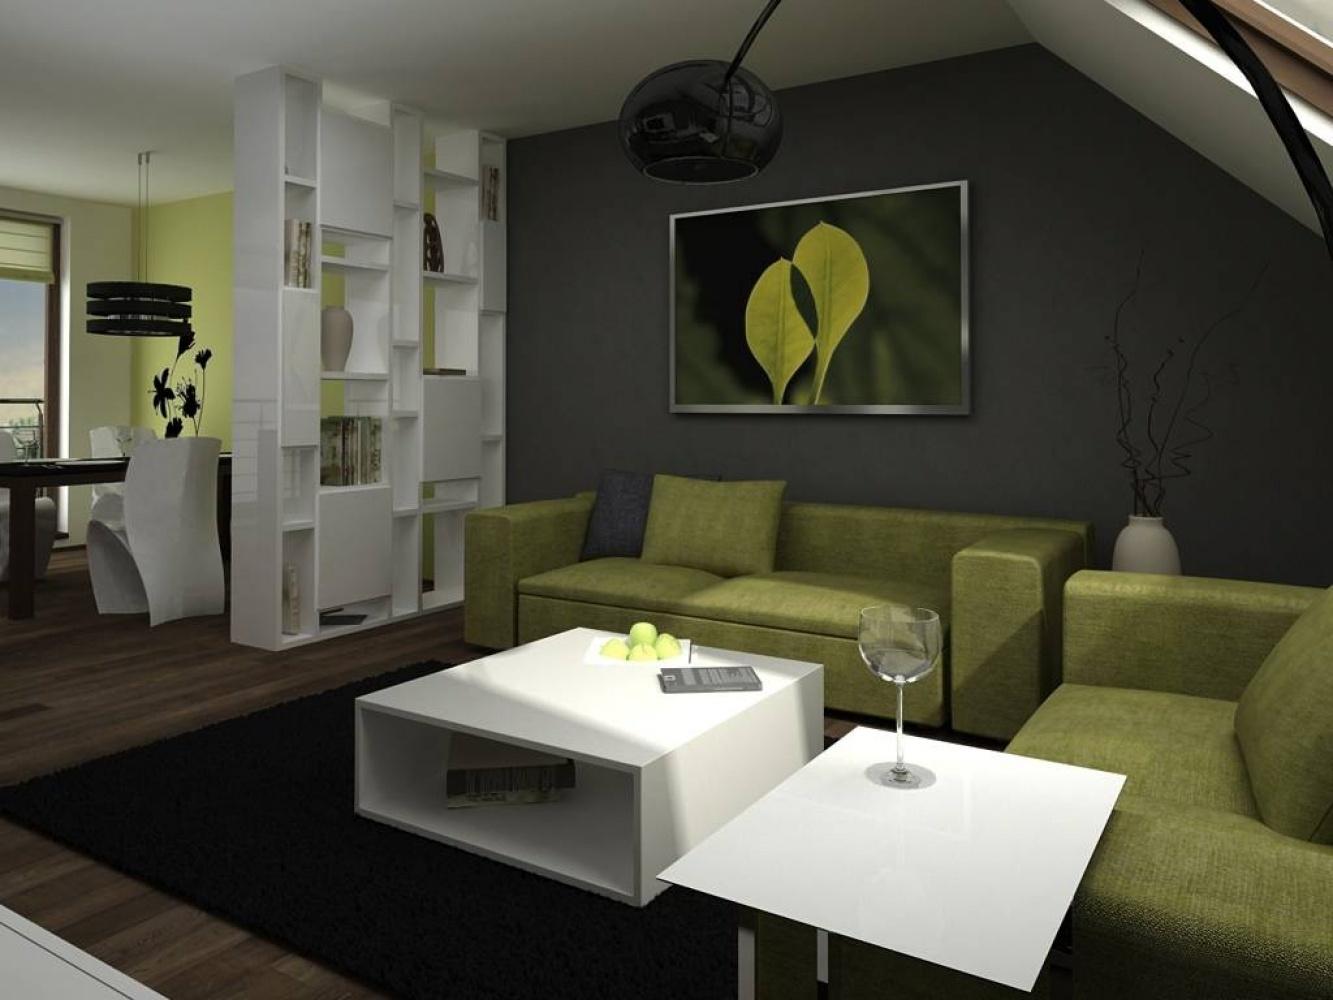 Půdní byt 1+kk, plocha 16 m², ulice Šmilovského, Praha 2 - Vinohrady | 1